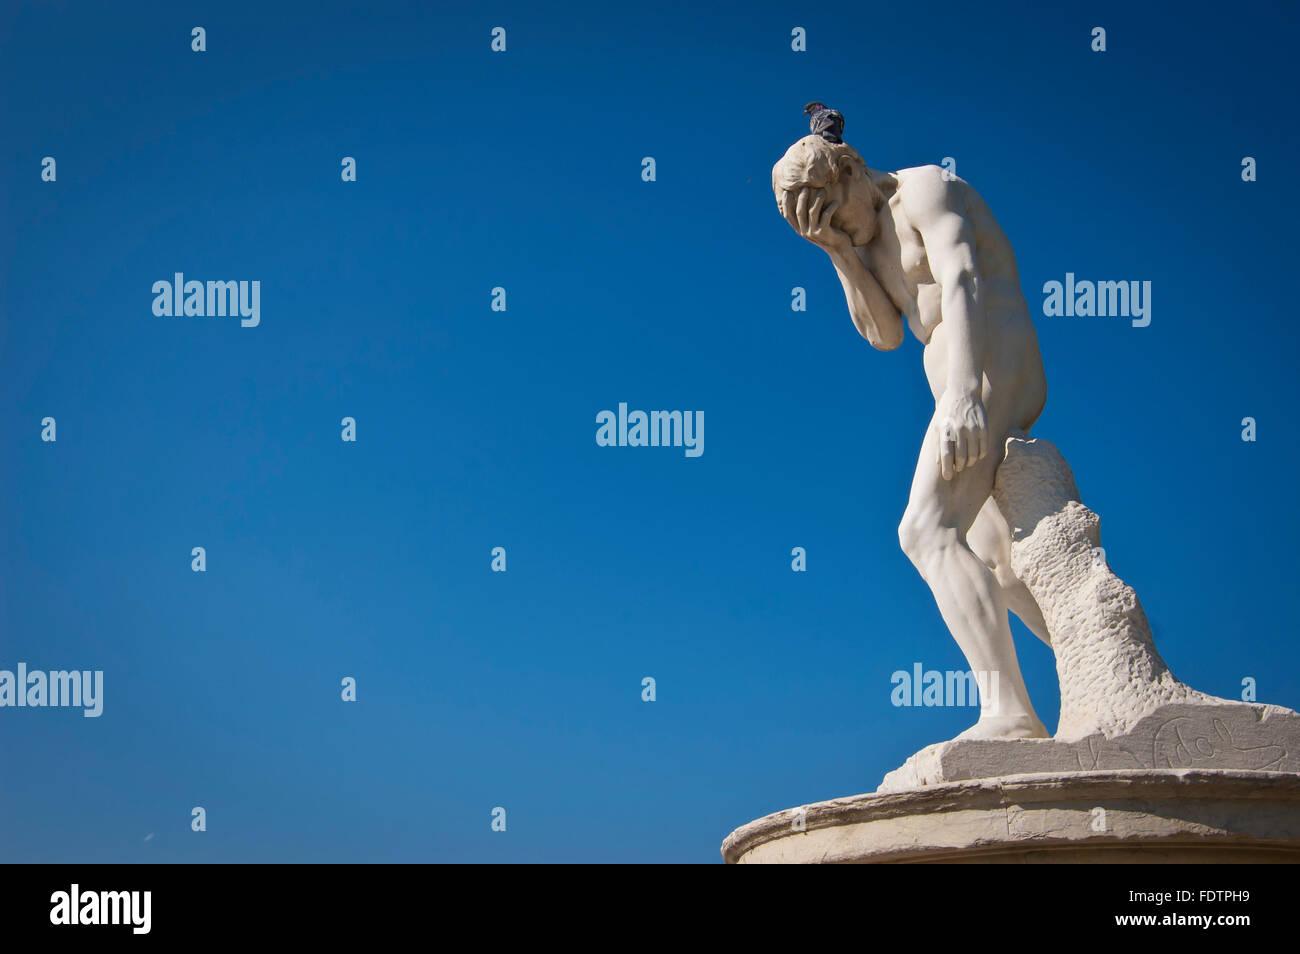 France, Paris, sculpture at Jardin des Tuileries - Stock Image